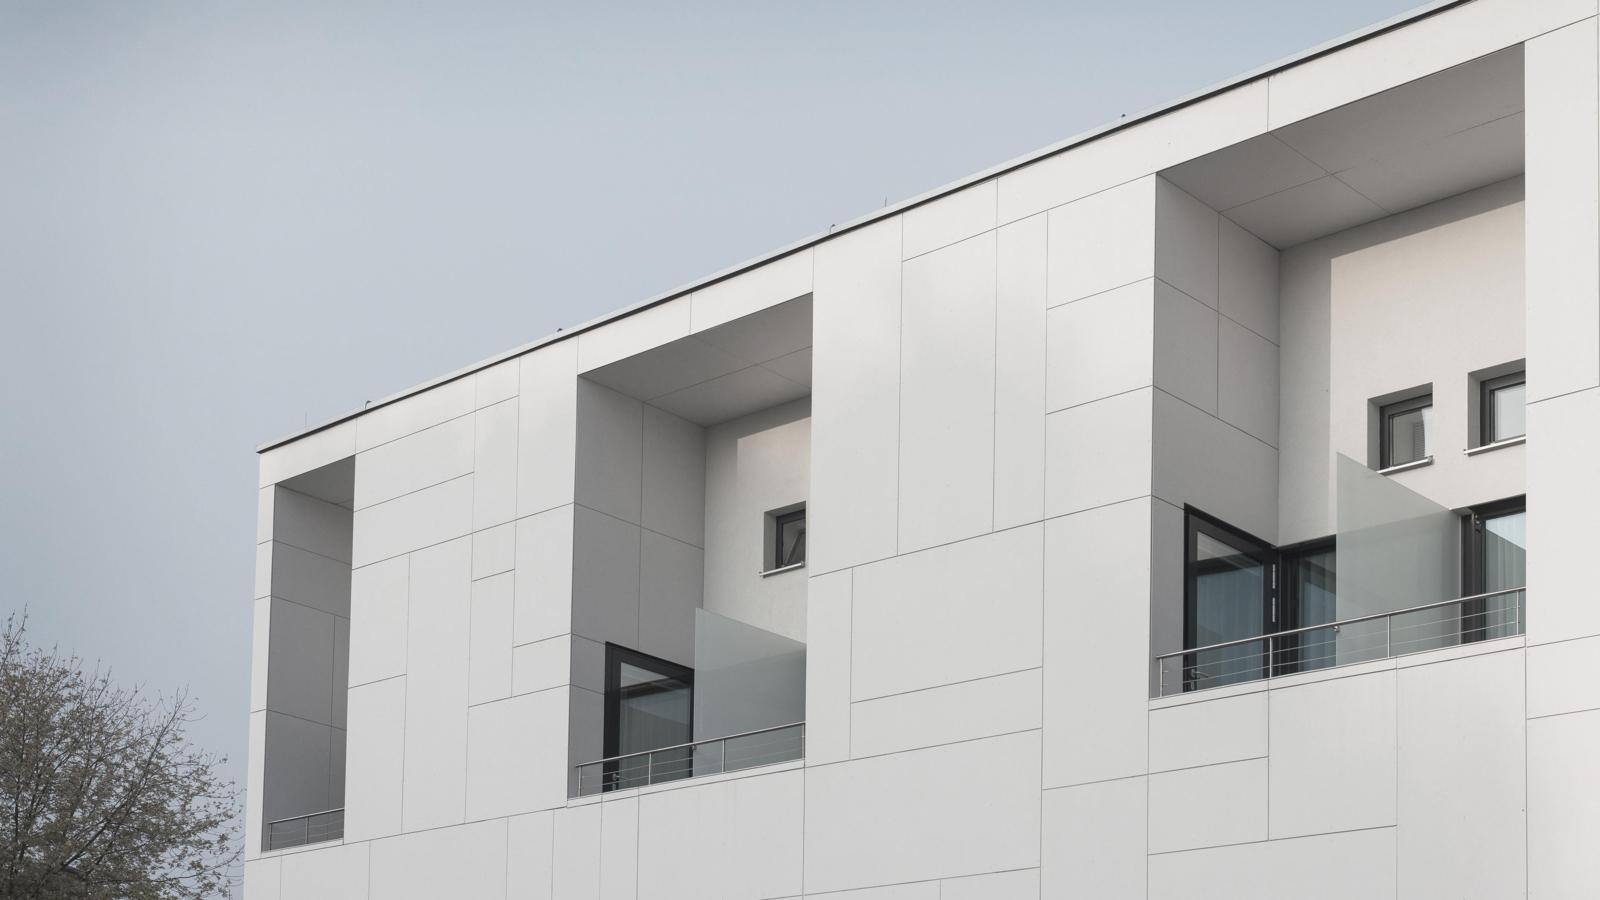 UMBAU UND ERWEITERUNG LANDESKRANKENHAUS_Fassadenbild01